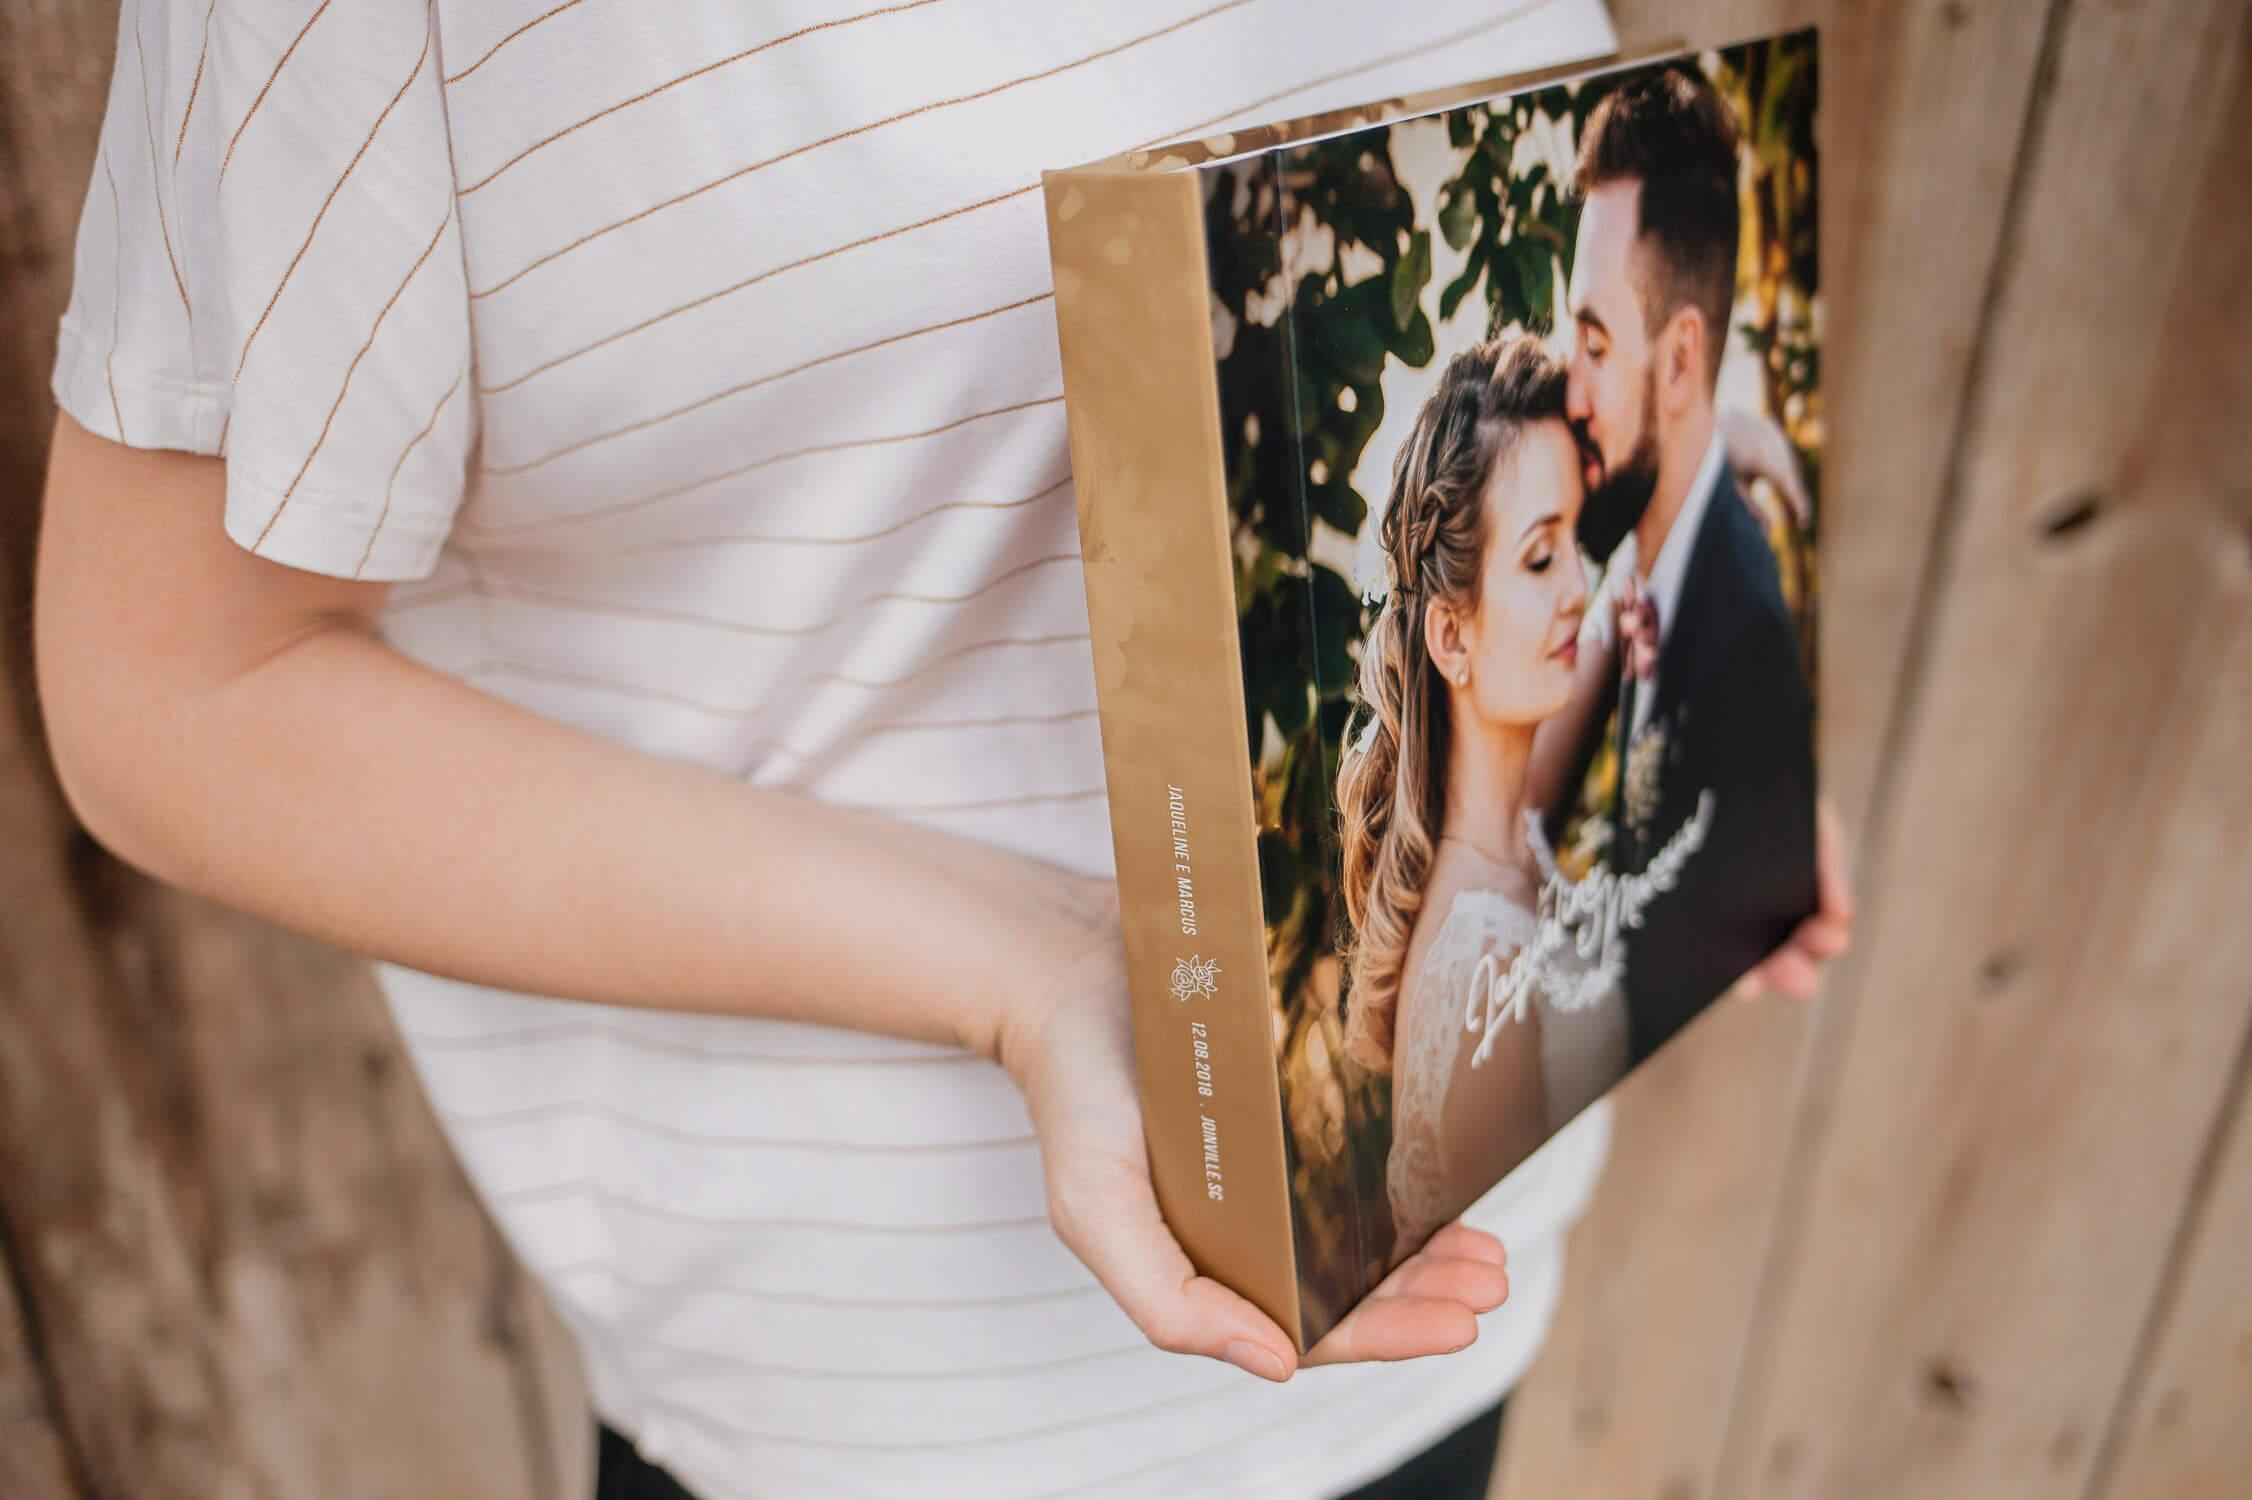 albuns-casamento-fotografia-ensaio-noivos-familia-weddingbook-photography-travel-photobook-12